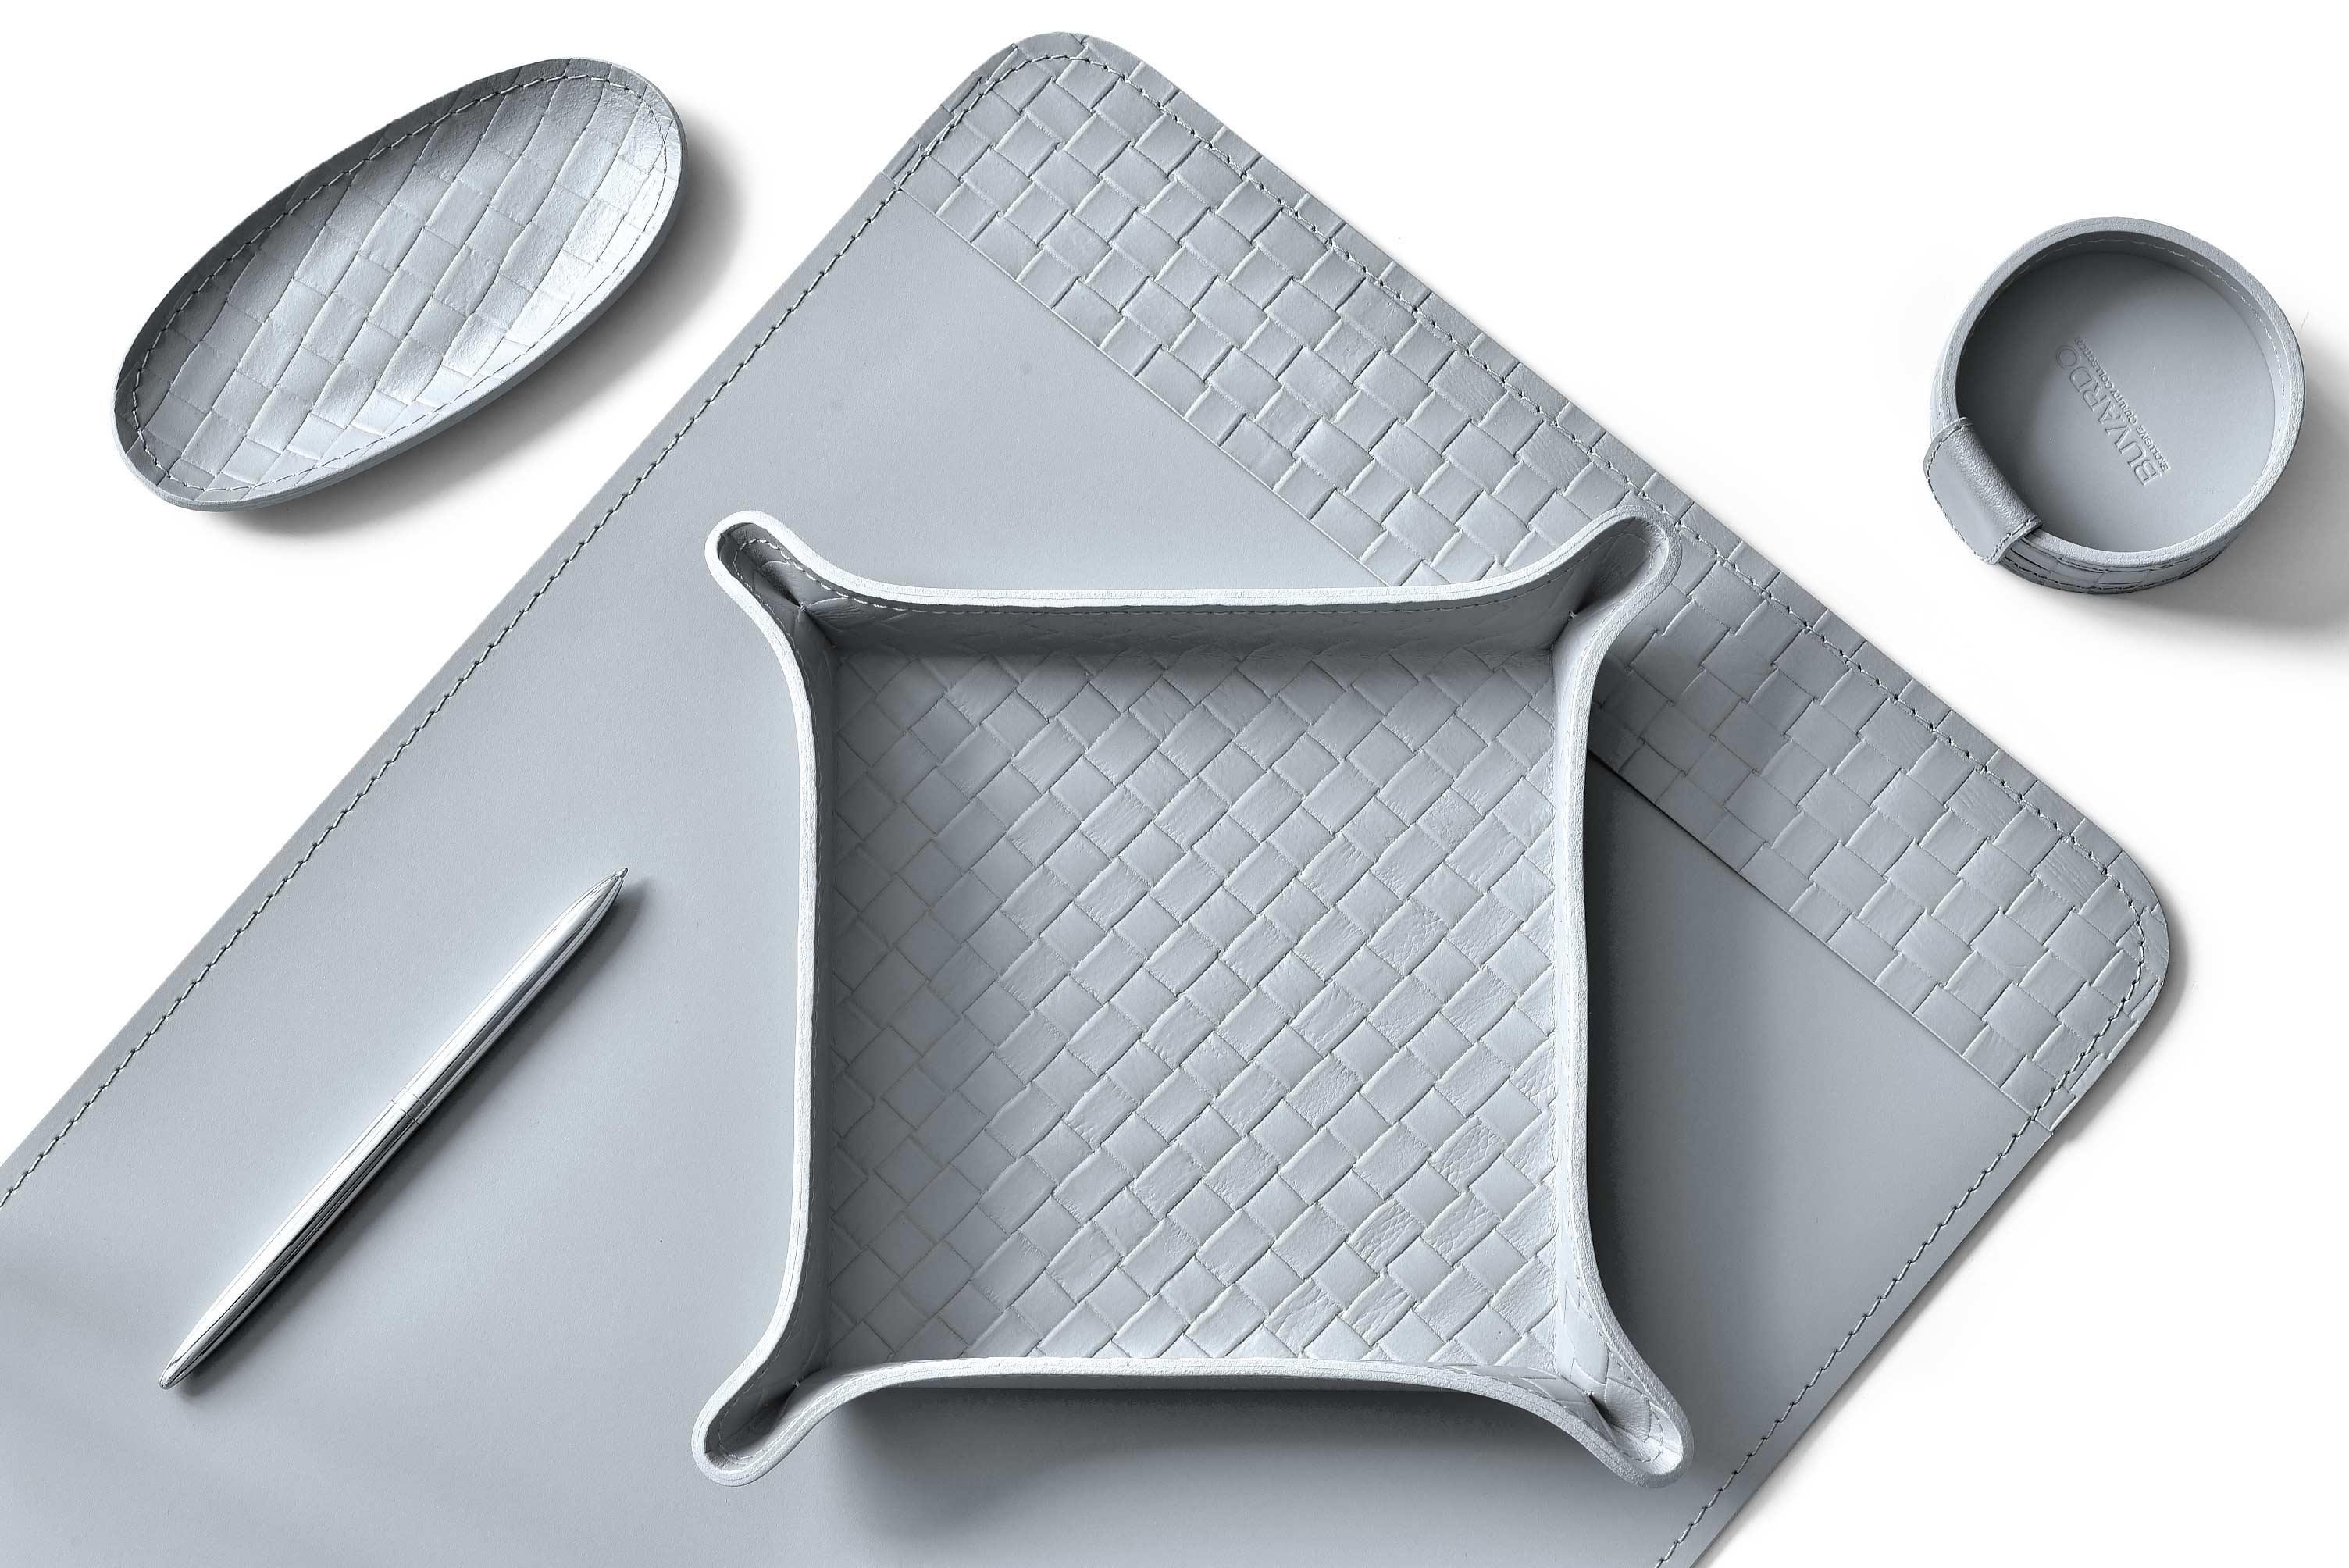 Настольный набор из кожи Сuoietto серого цвета с актуальным тиснением intrecciato